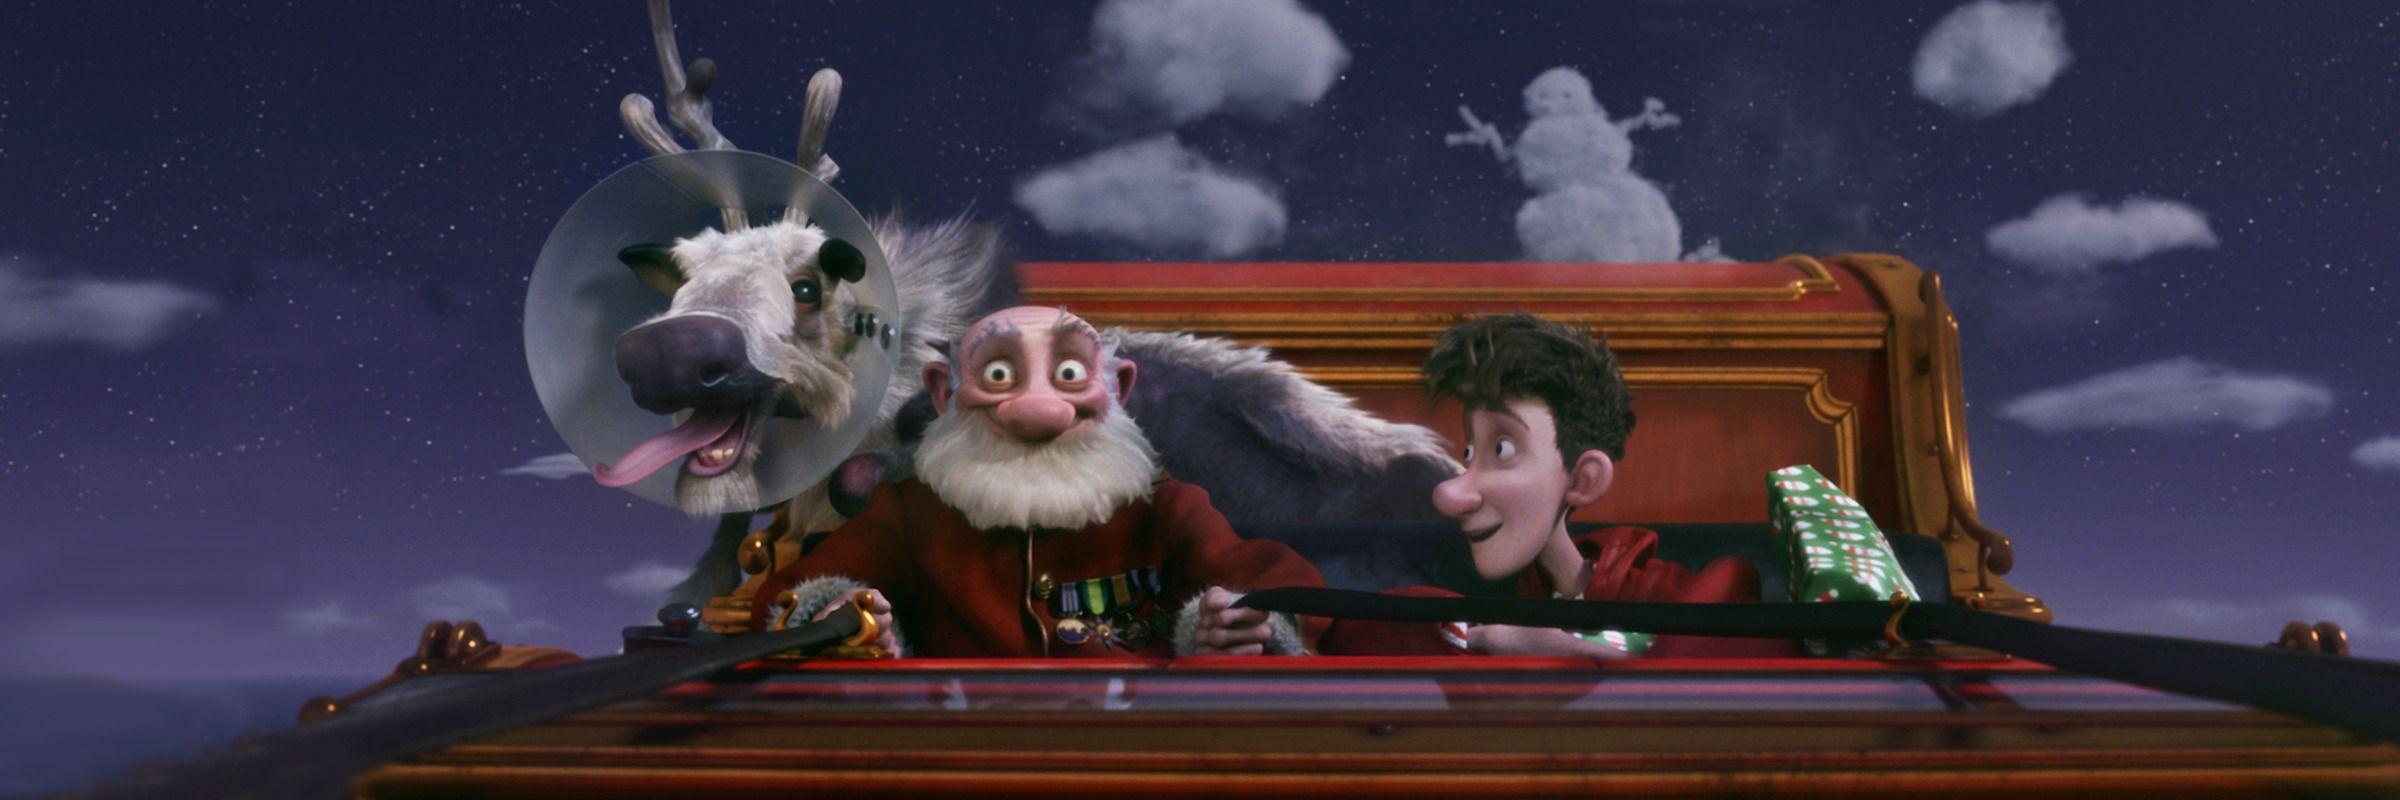 Arthur Christmas Elves.Arthur Christmas Full Movie Movies Anywhere